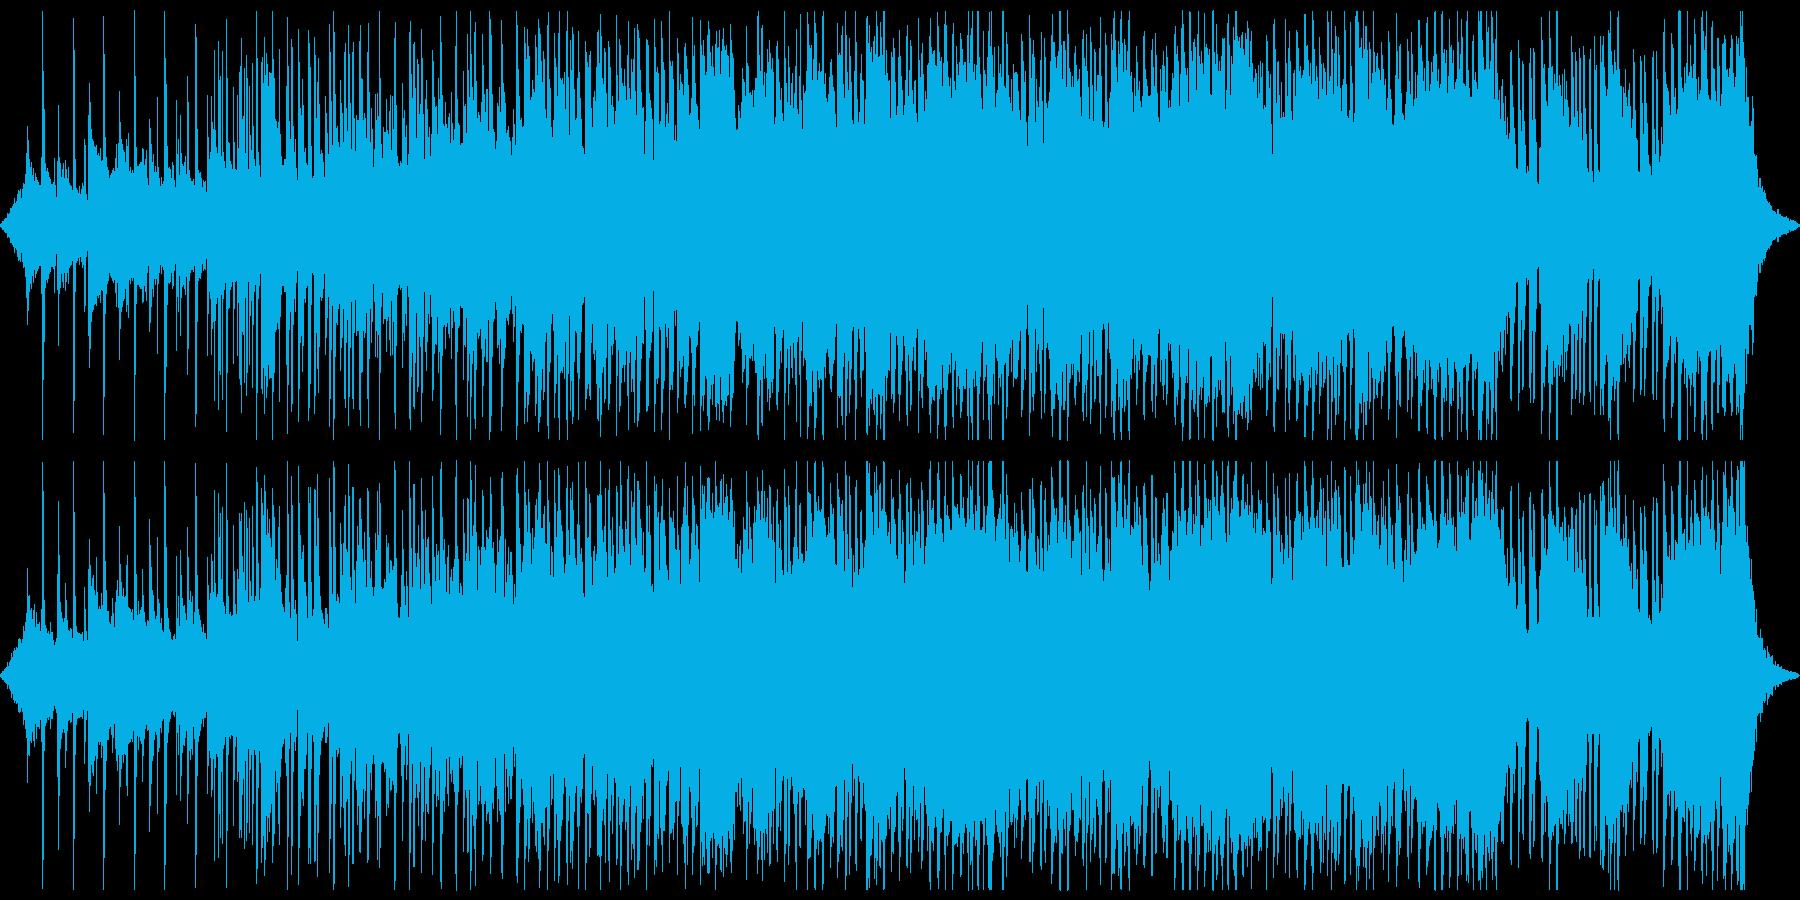 トラップ的な暗さとサイレンが響き渡る曲の再生済みの波形